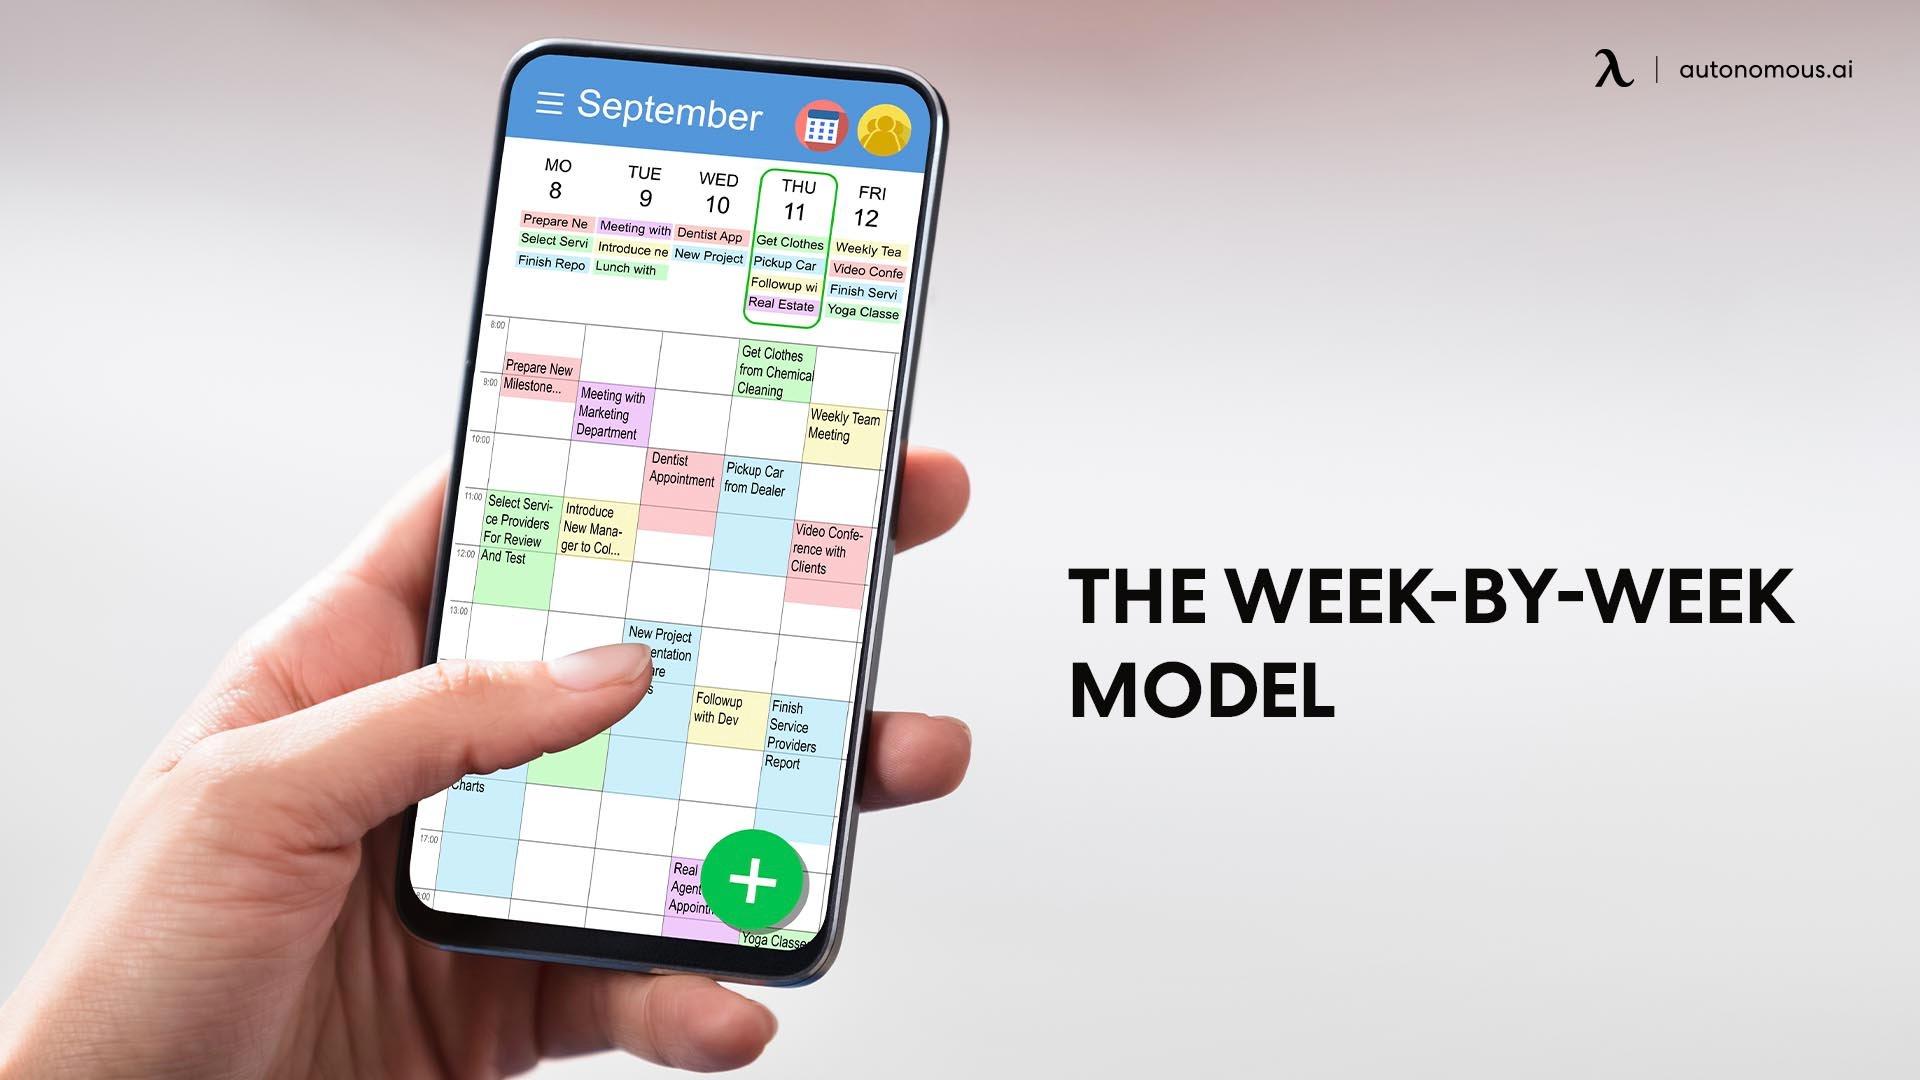 The week-by-week model